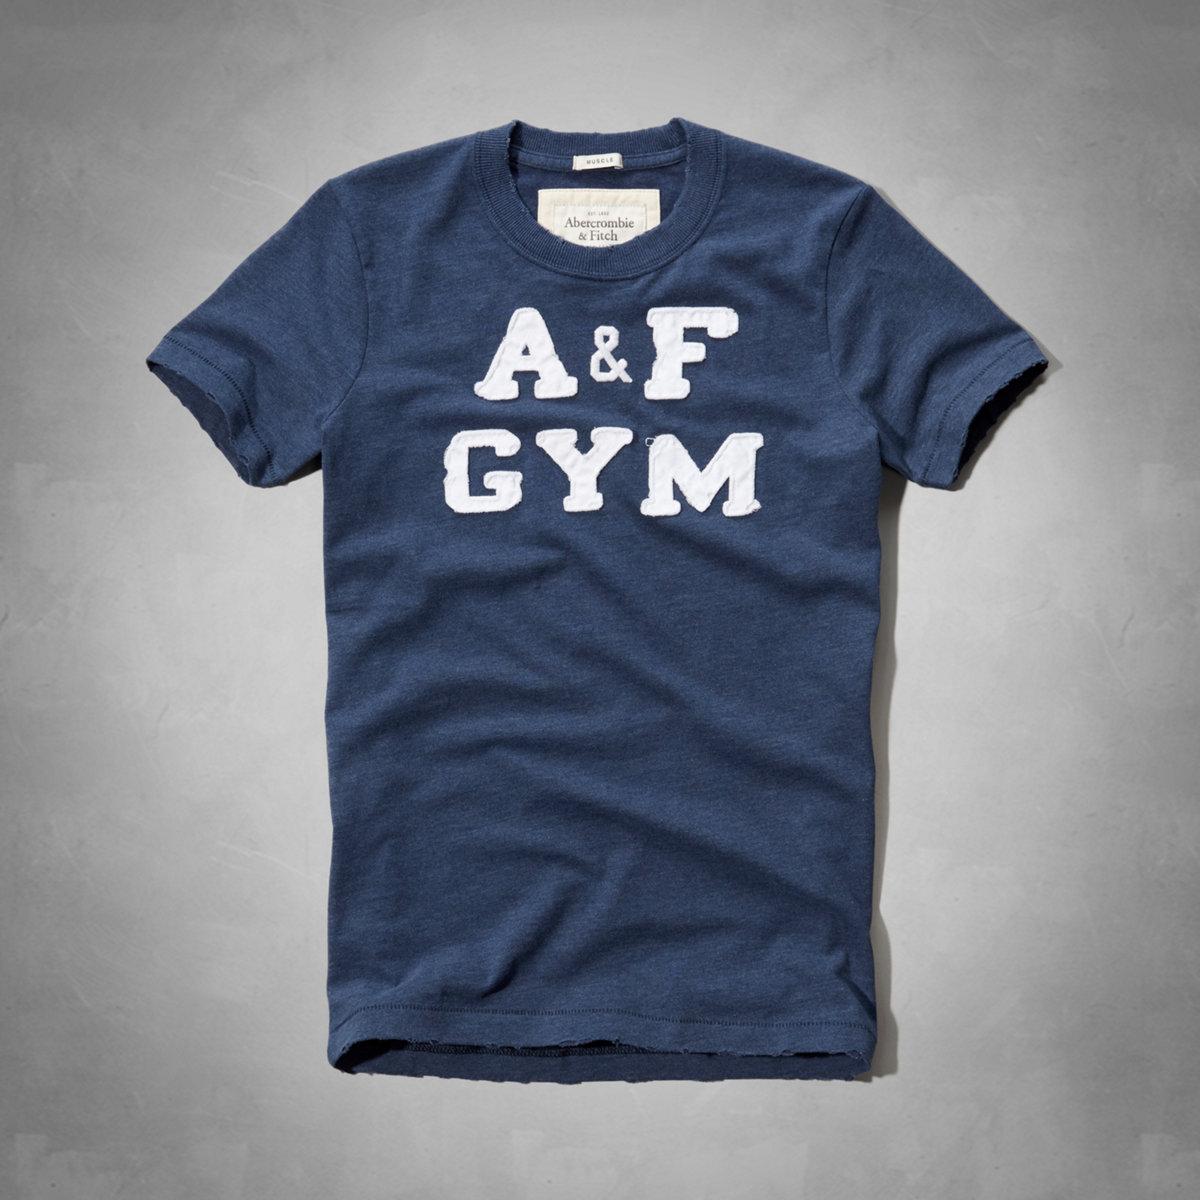 美國百分百【Abercrombie & Fitch】T恤 AF 短袖 上衣 T-shirt 麋鹿 S號 藏藍 E714